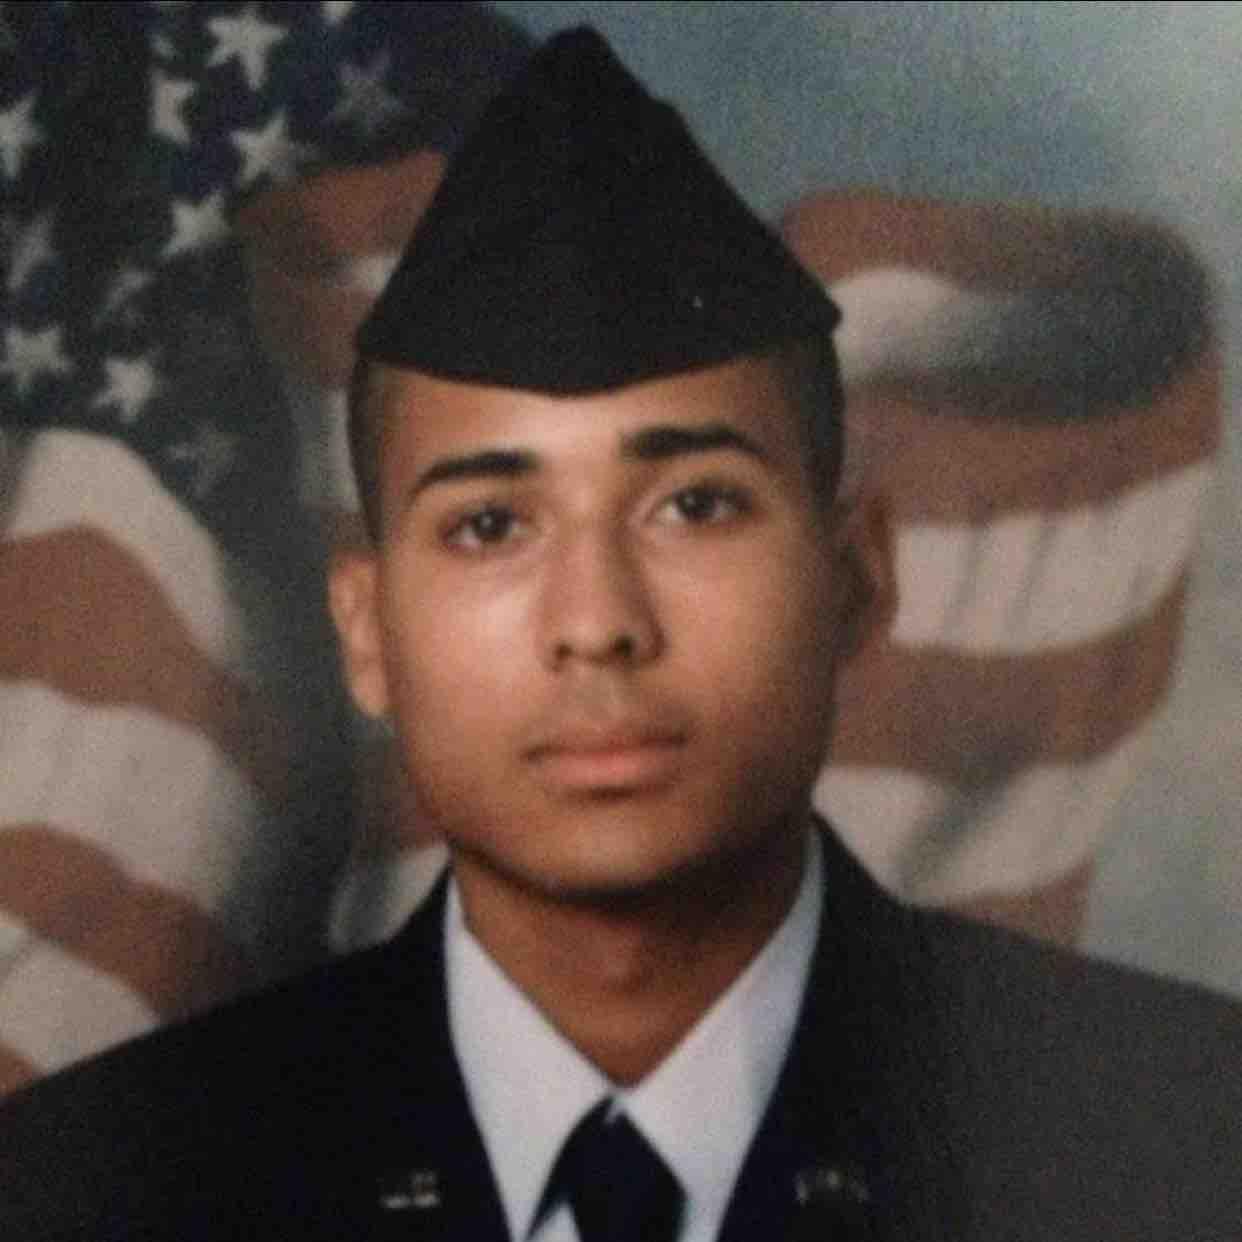 Fundraiser By Joseph Melo Help A Veteran Start An Online